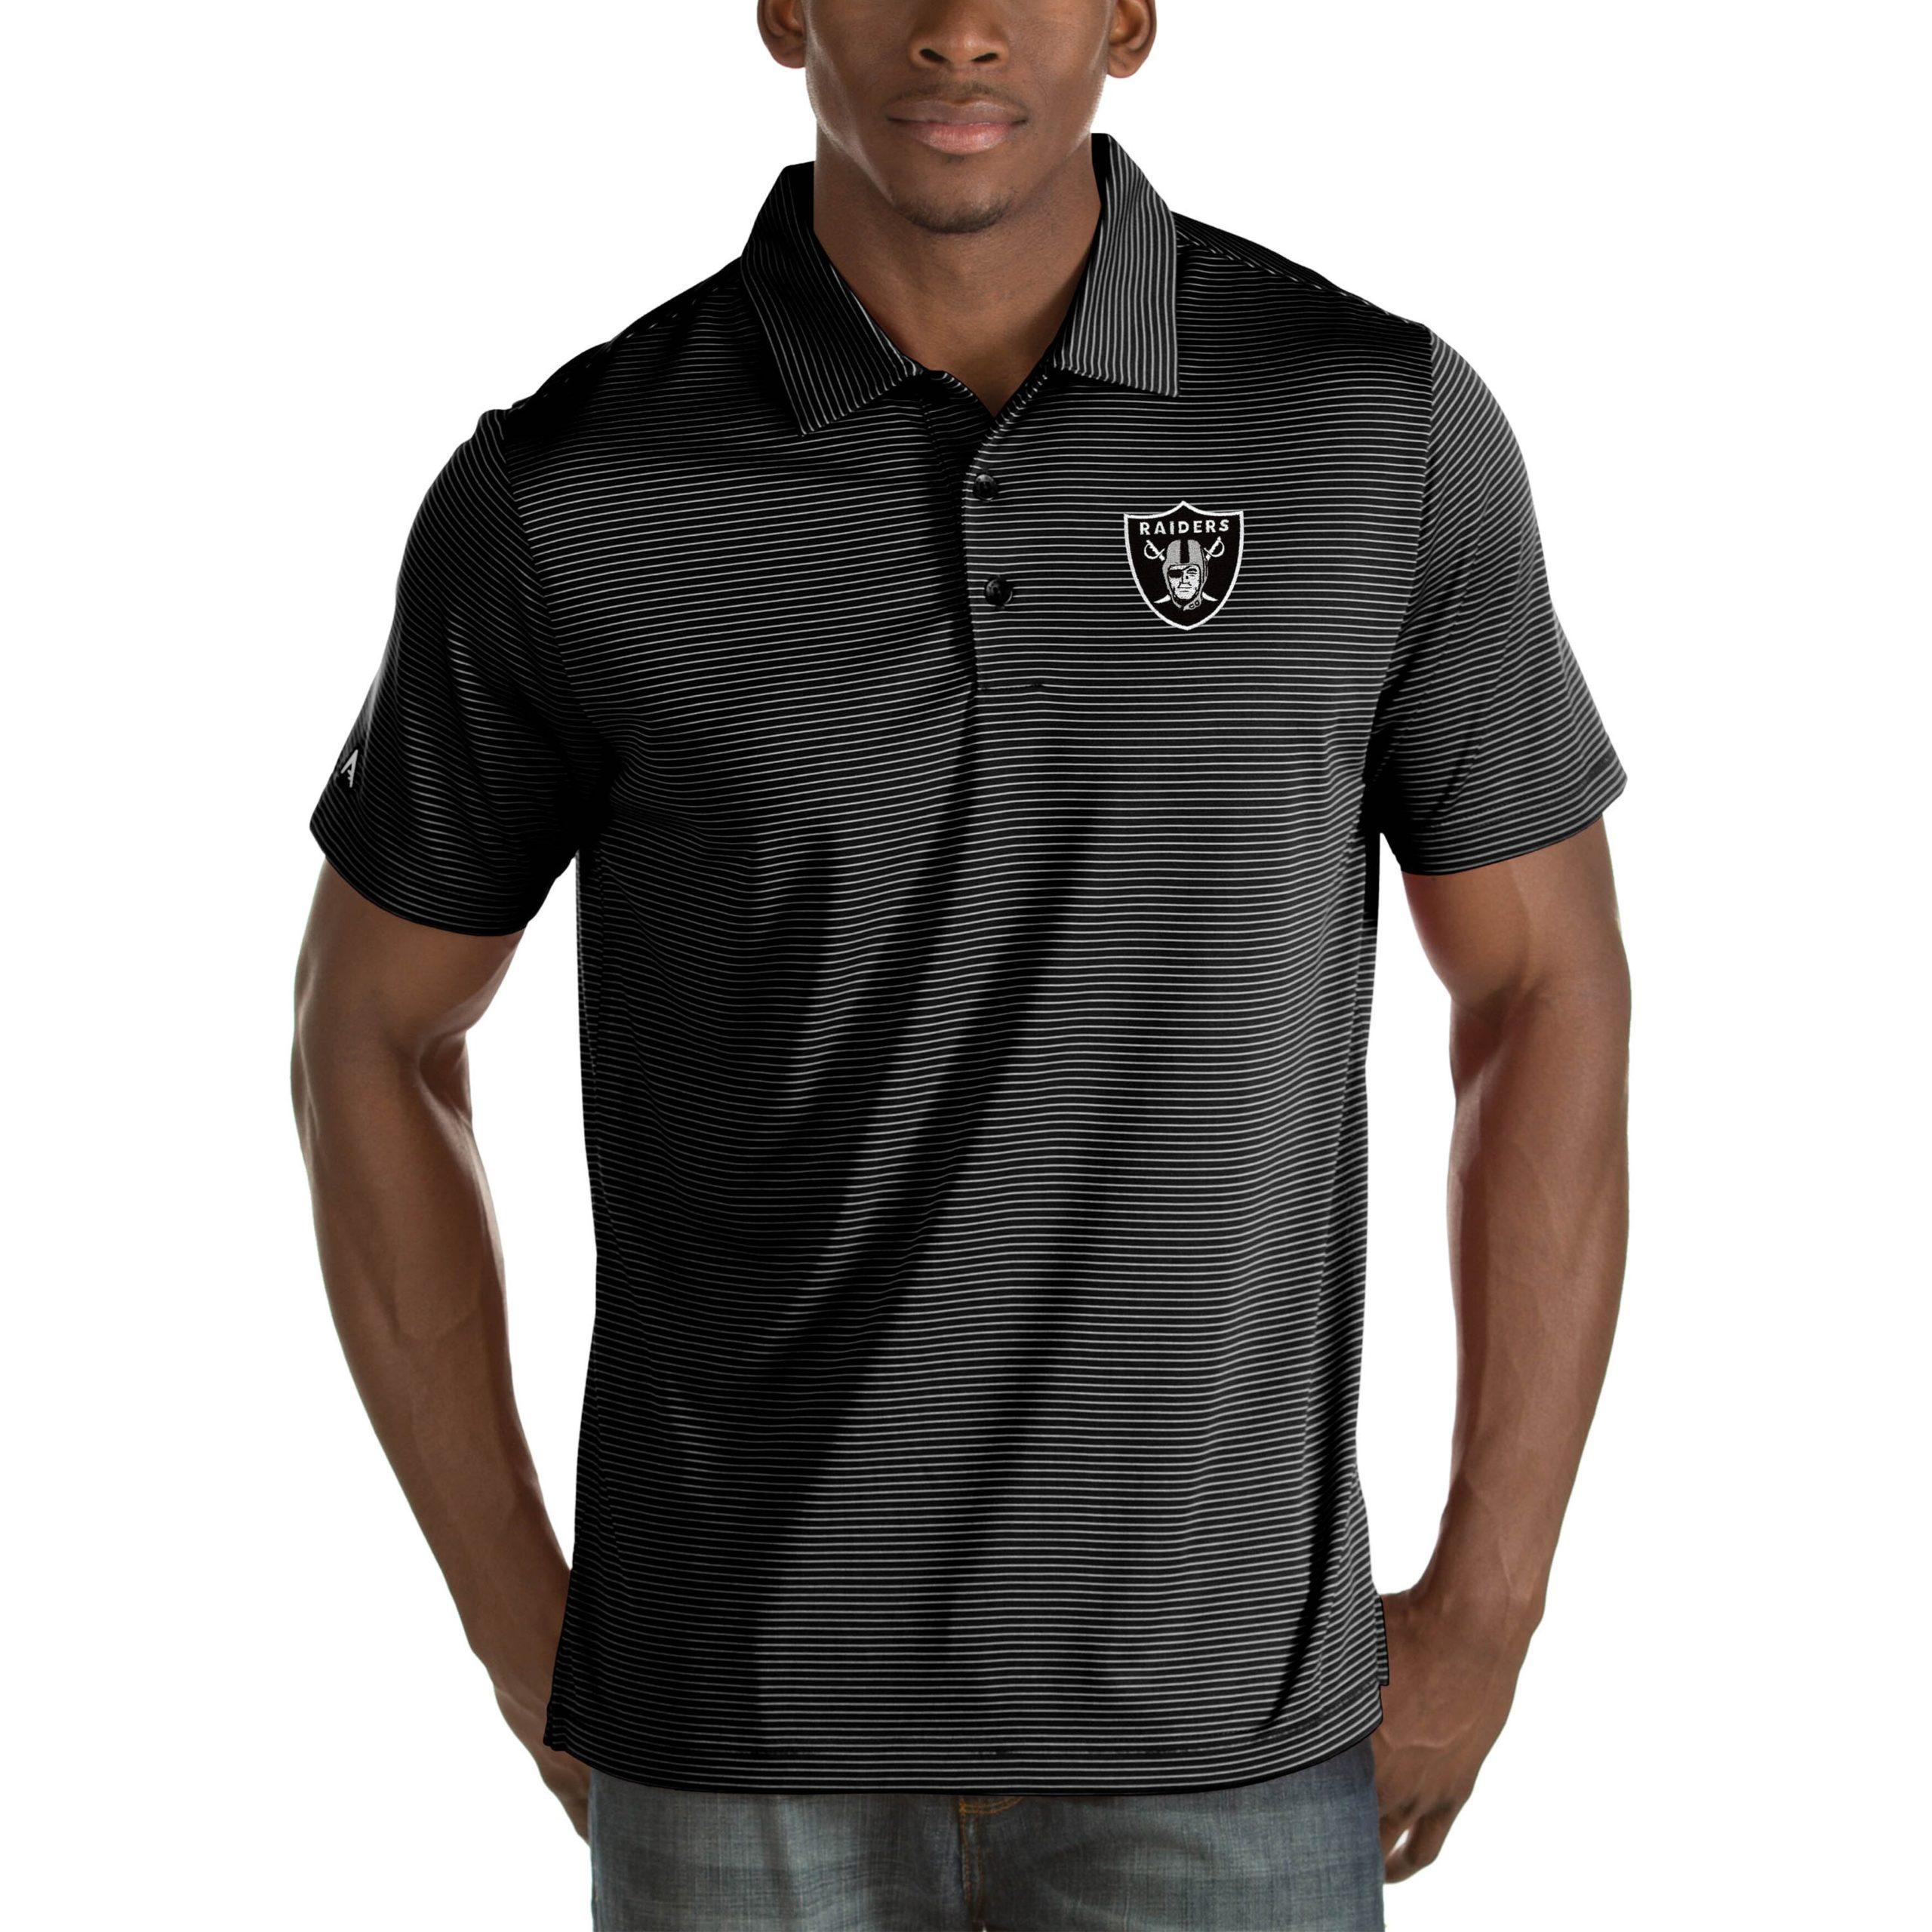 Las Vegas Raiders Antigua Quest Big & Tall Polo - Black